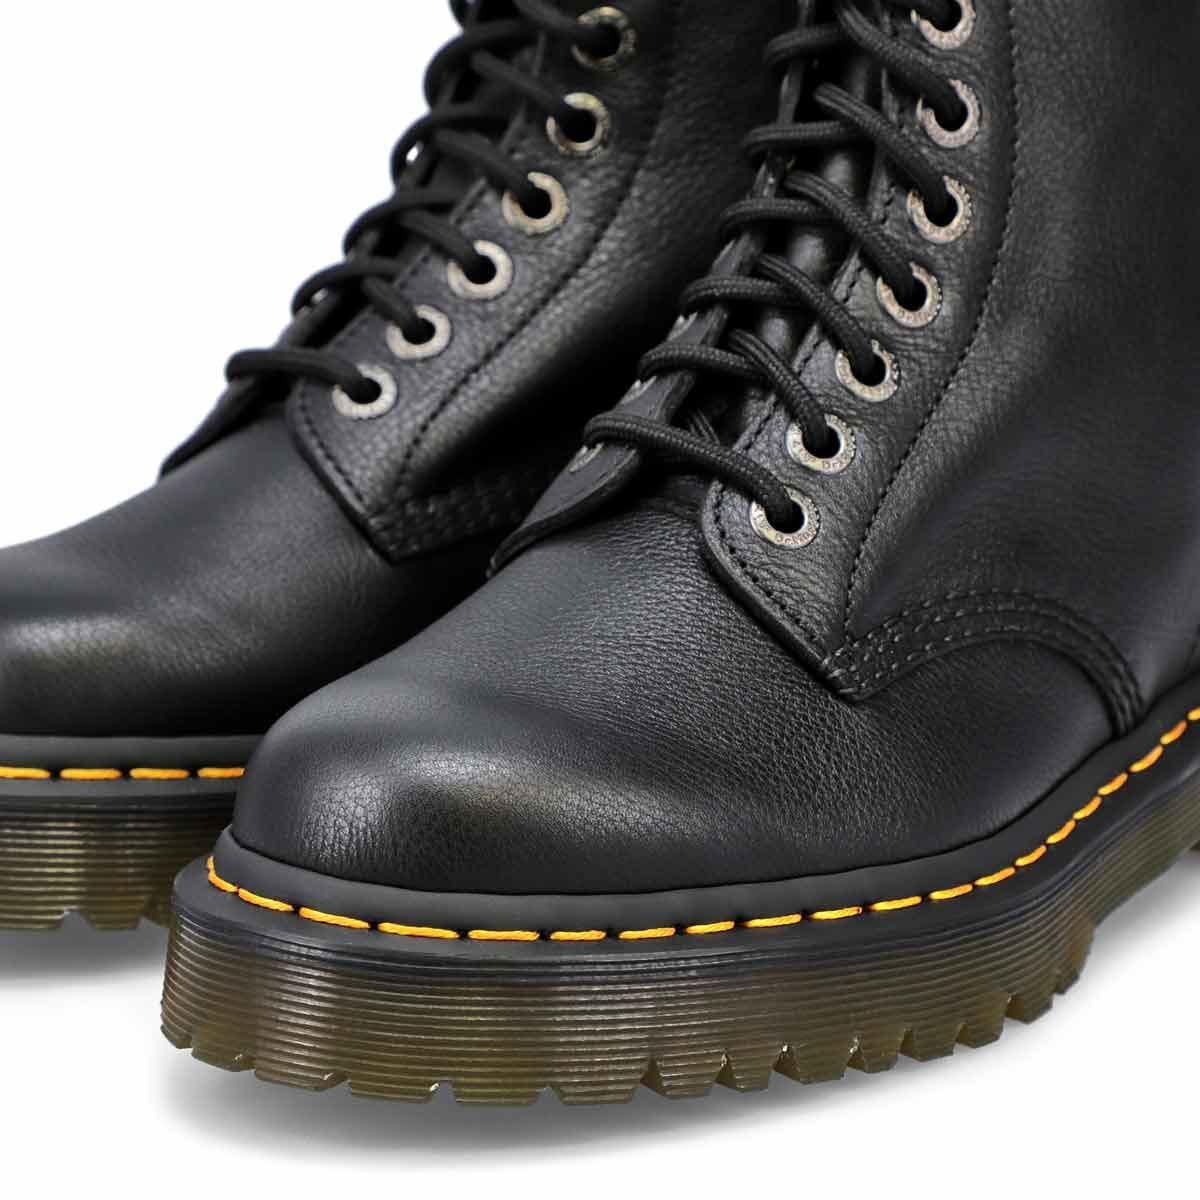 Bottes 8œillets 1460 PASCAL BEX cuir noir, femmes